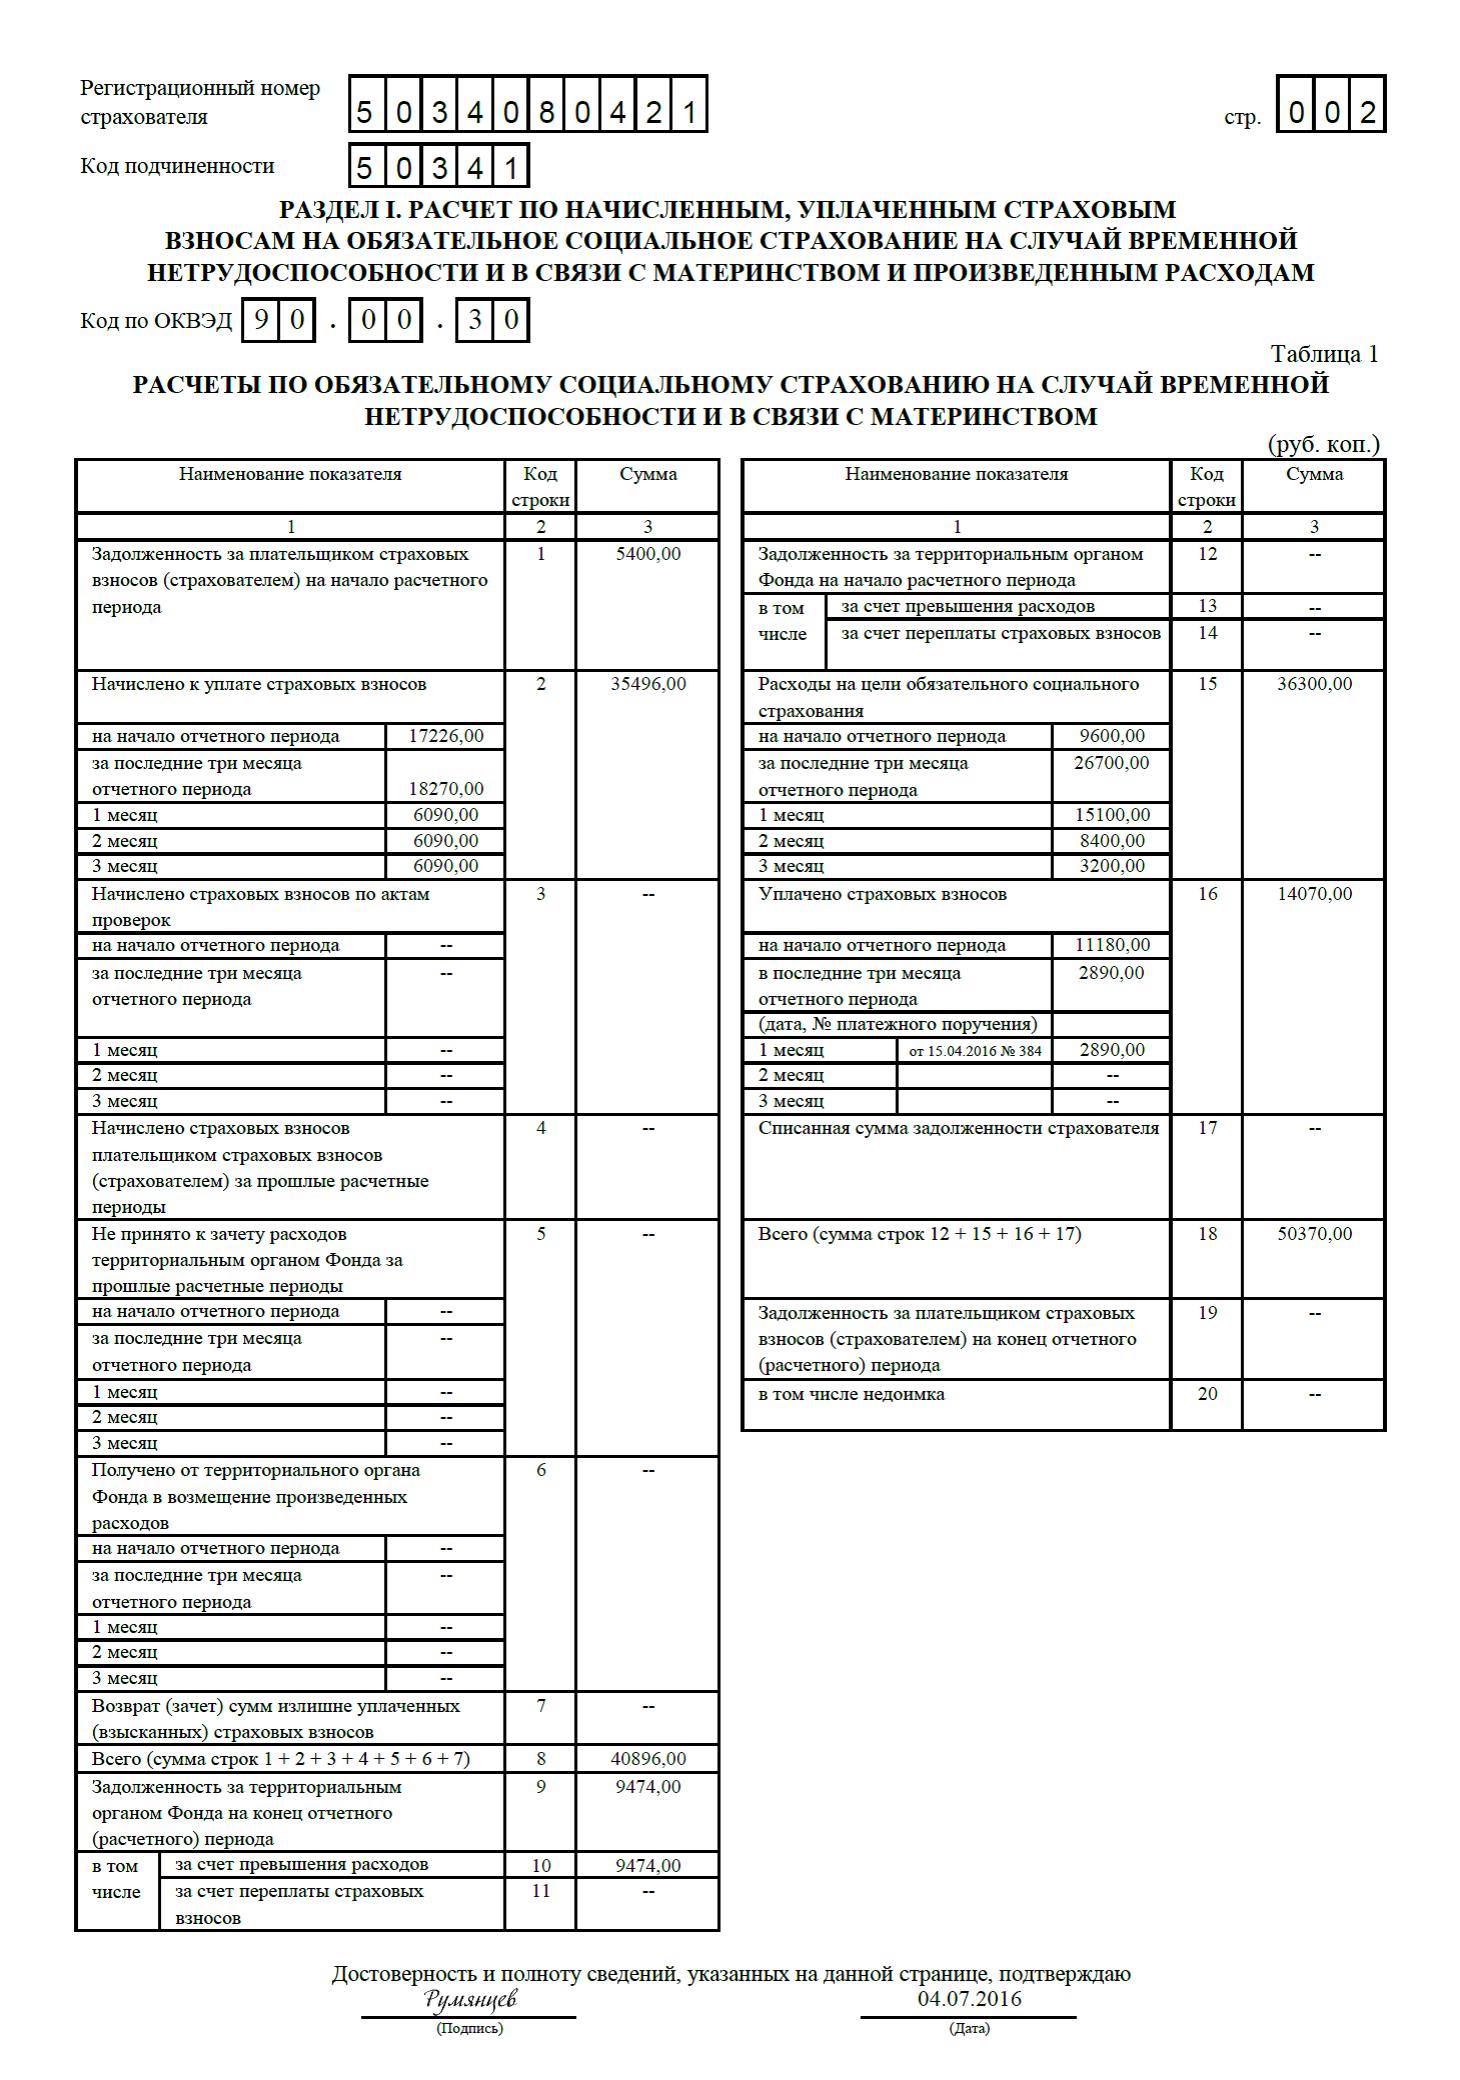 Образец заполнения формы 4 ФСС за 2 квартал 2016 года